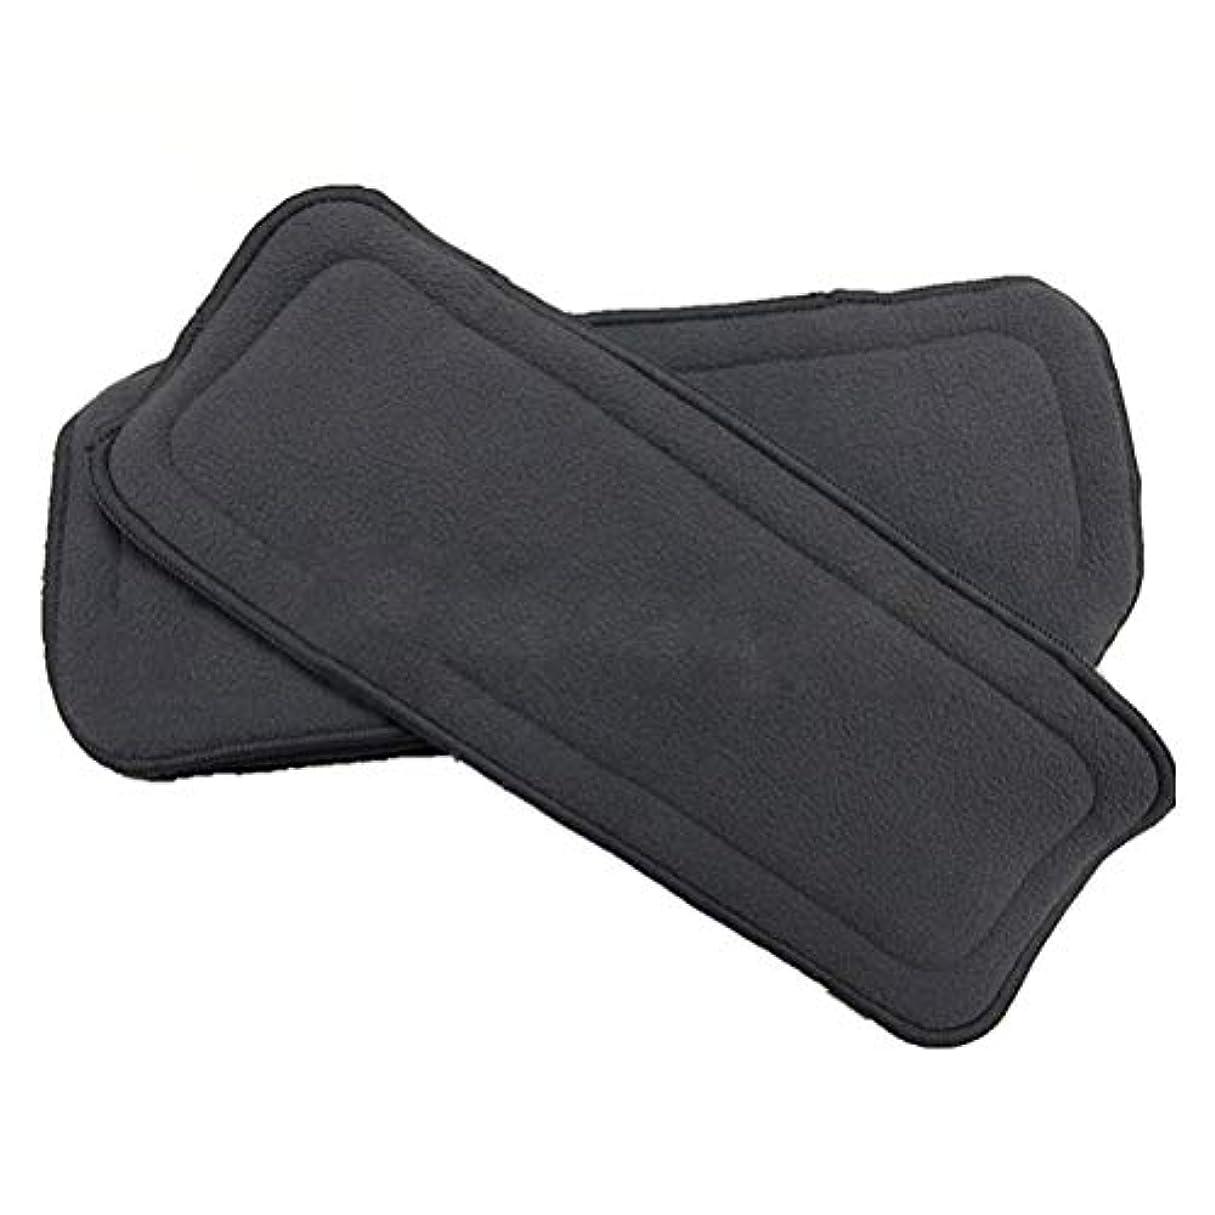 厄介なモジュールワーカーSUPVOX ベビー布おむつライナー再利用可能な木炭竹布おむつ挿入吸水性通気性2本(黒)